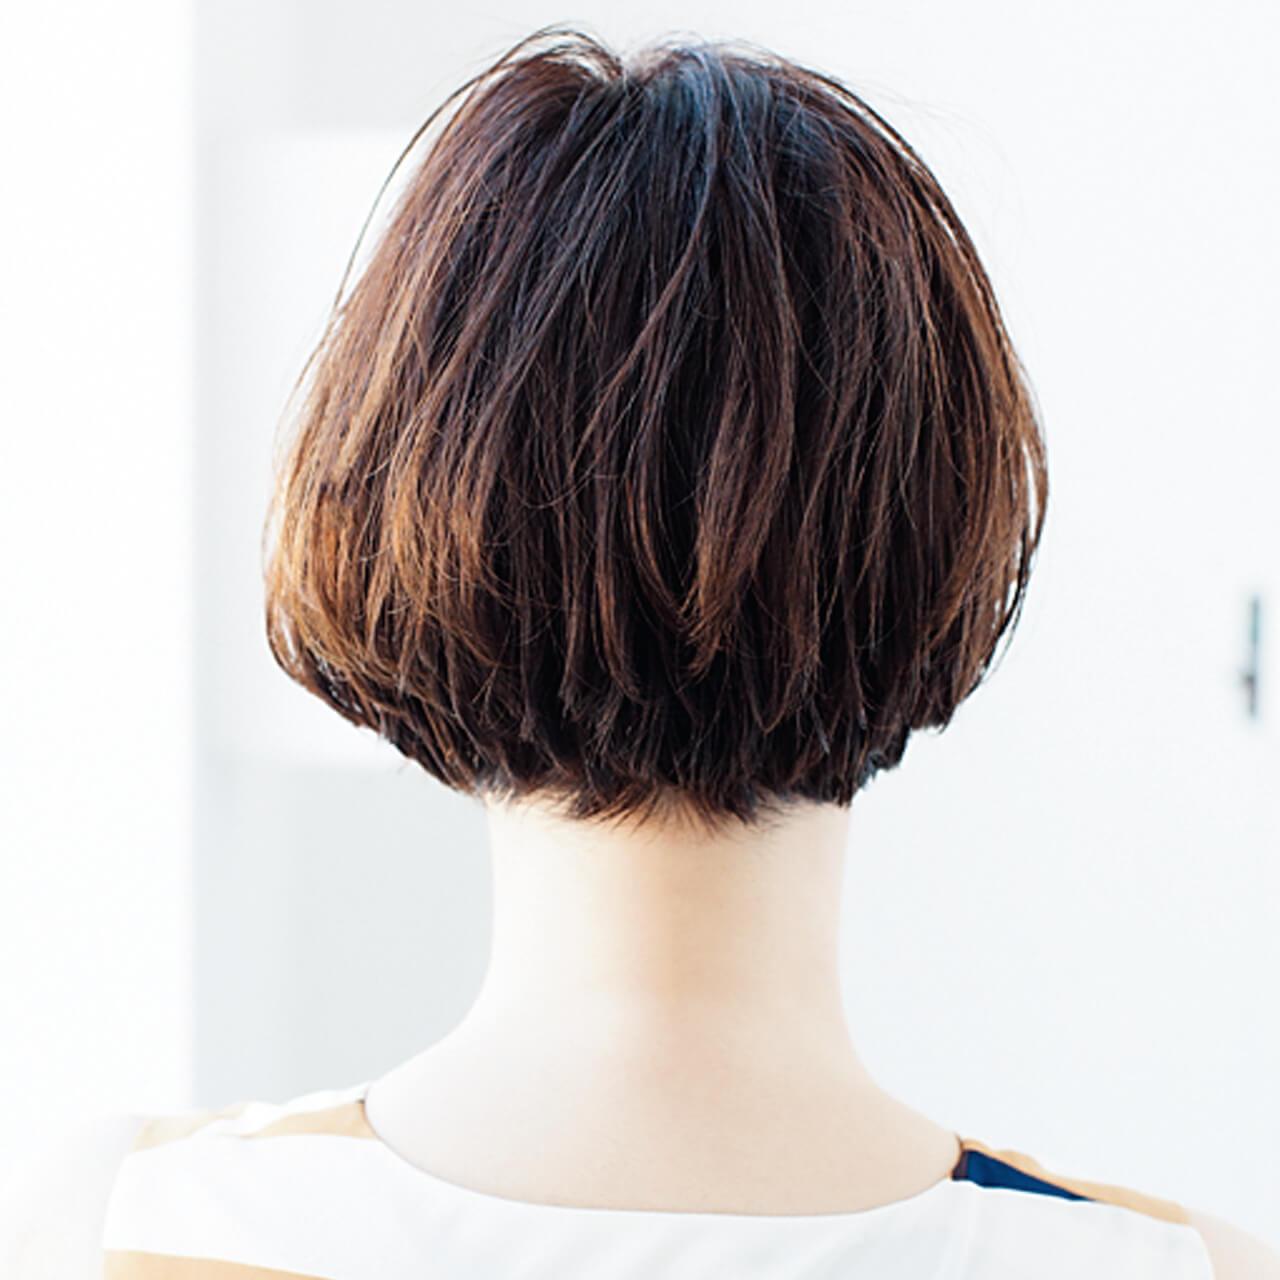 束の動きが透け感をサポート。毛量が多くても涼しげ【40代のショートヘア】_1_3